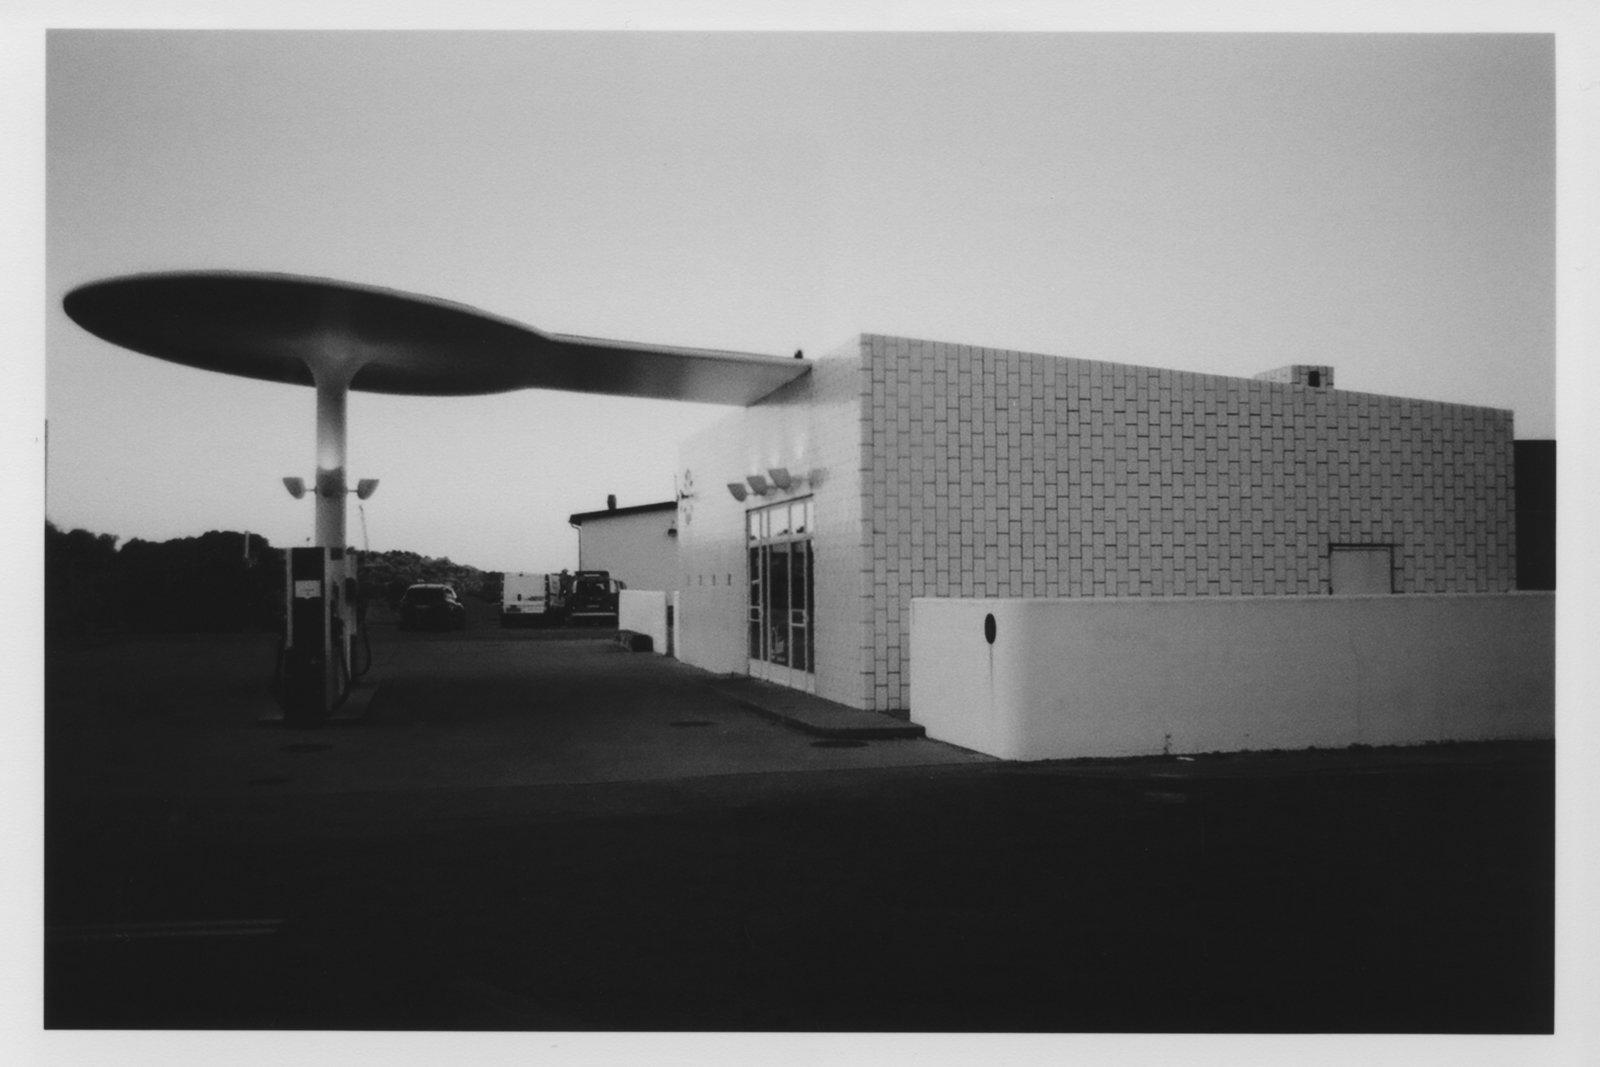 GAS STATION | SKOVSHOVED